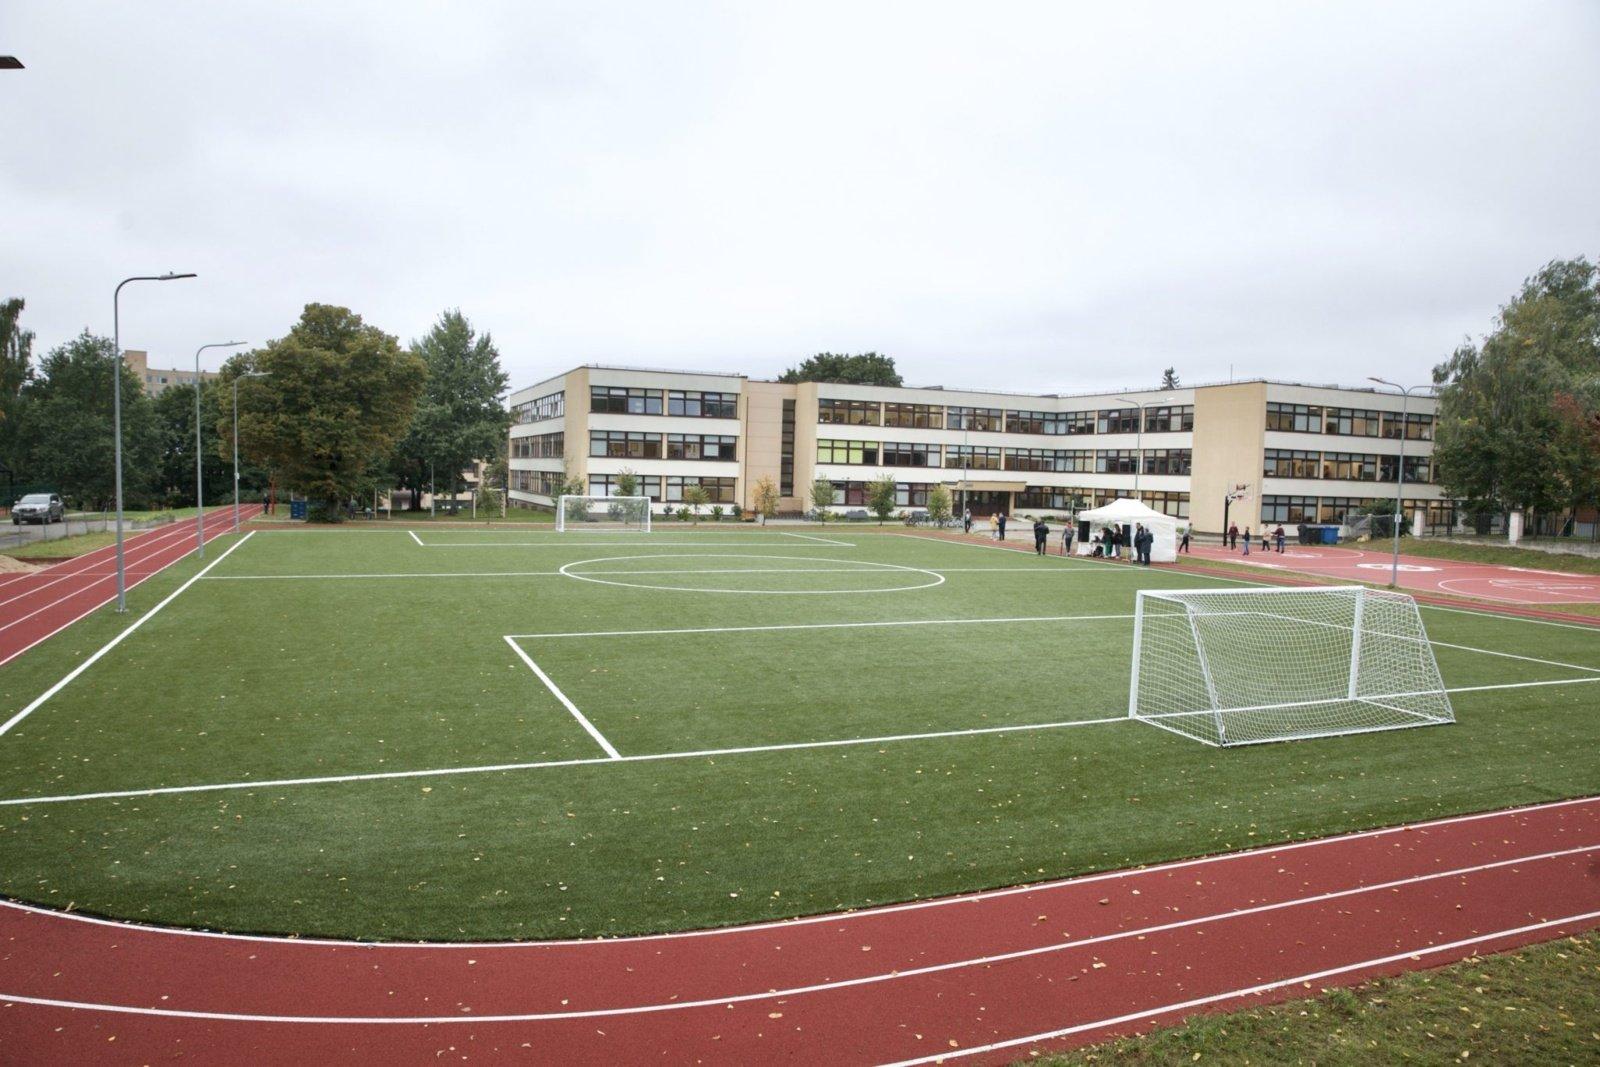 Vilniuje atidaromi atnaujinti mokyklų aikštynai: pamatykite Antakalnio progimnazijos stadioną